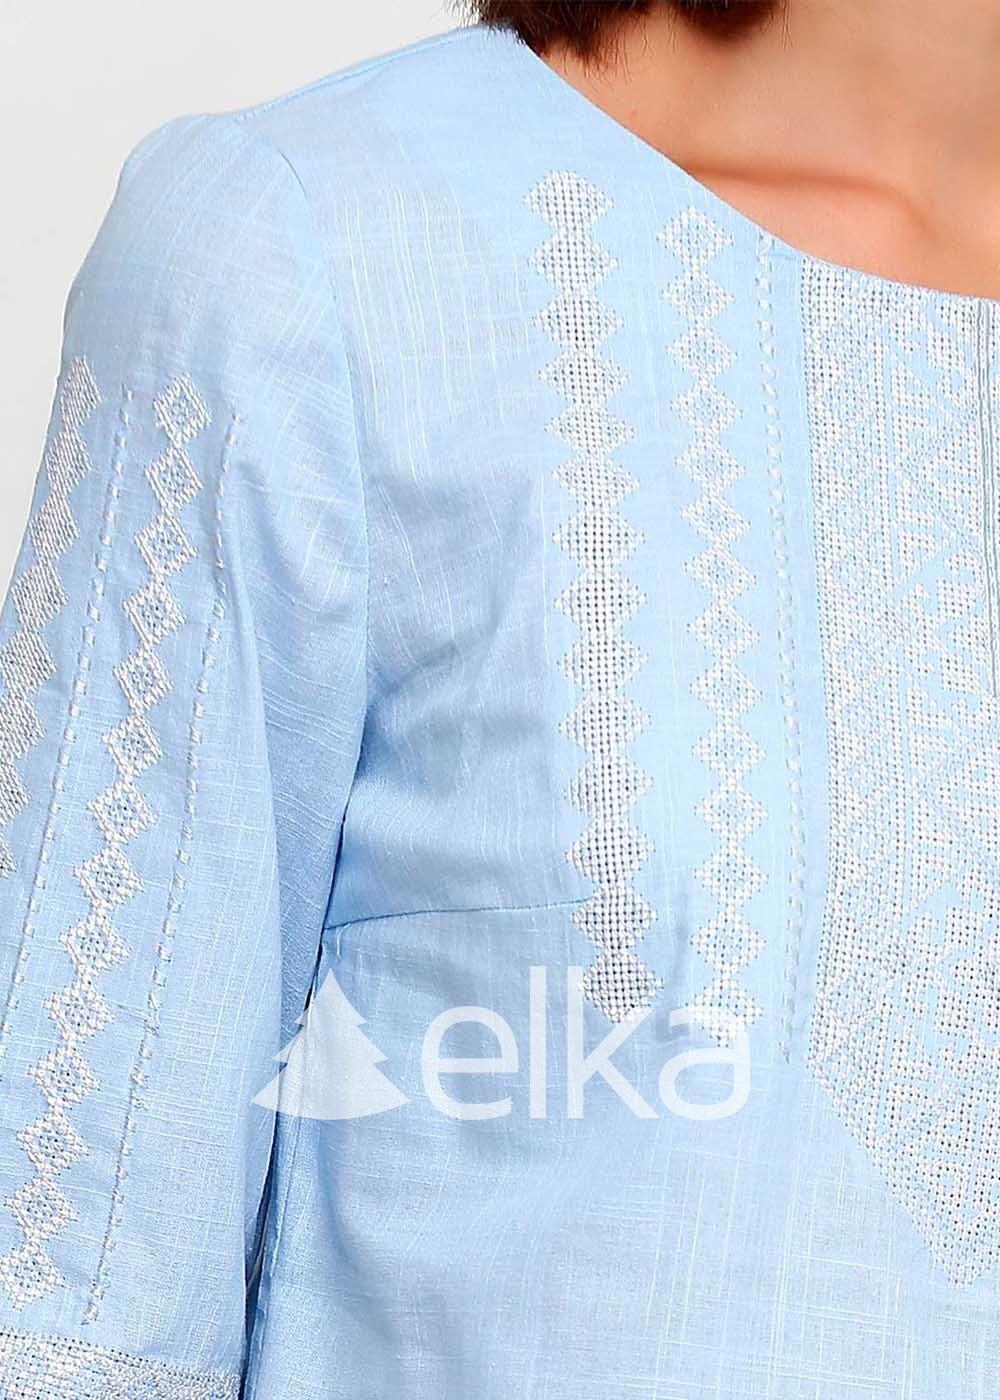 Вышиванка женская Этно голубая